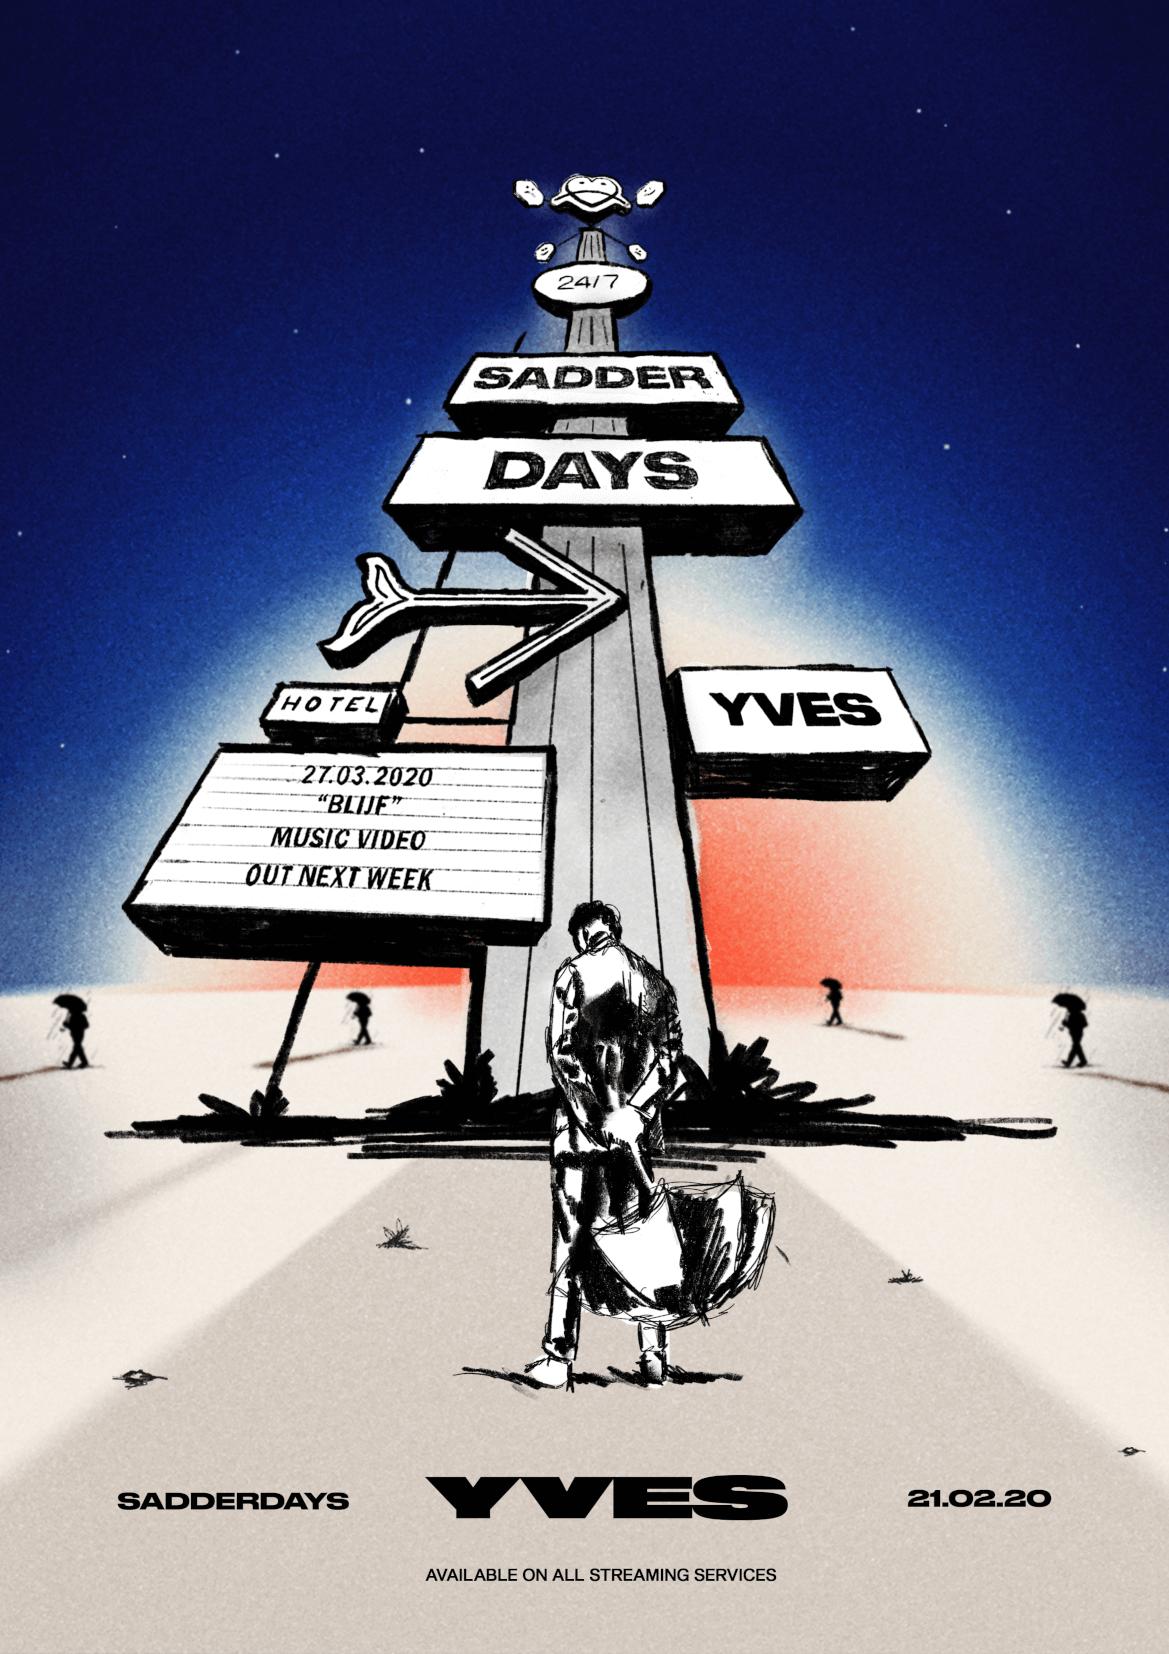 RCNW-32_Yves_Sadderdays_Poster6